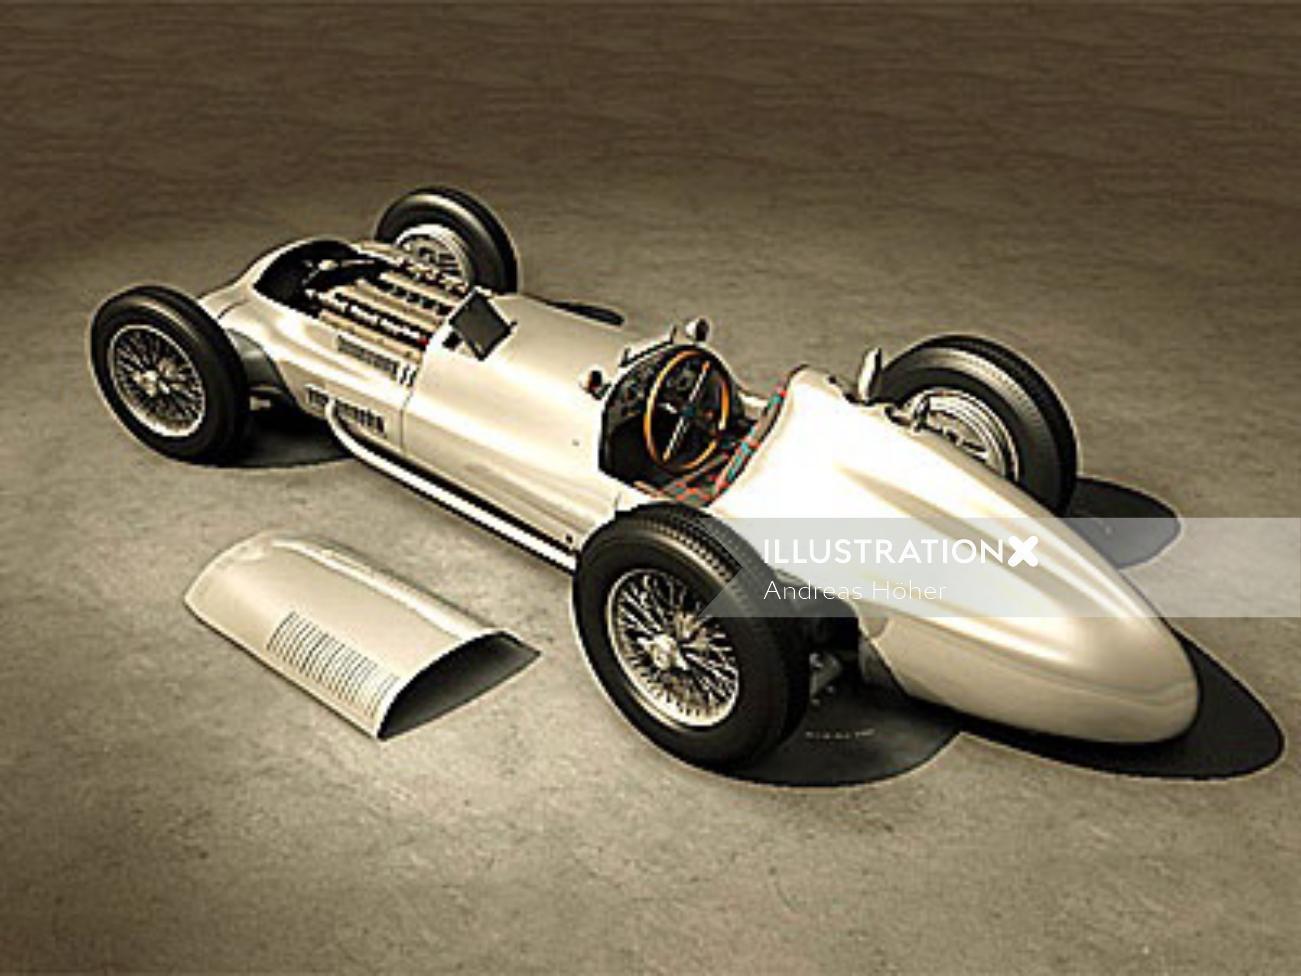 Retro art of Mercedes car